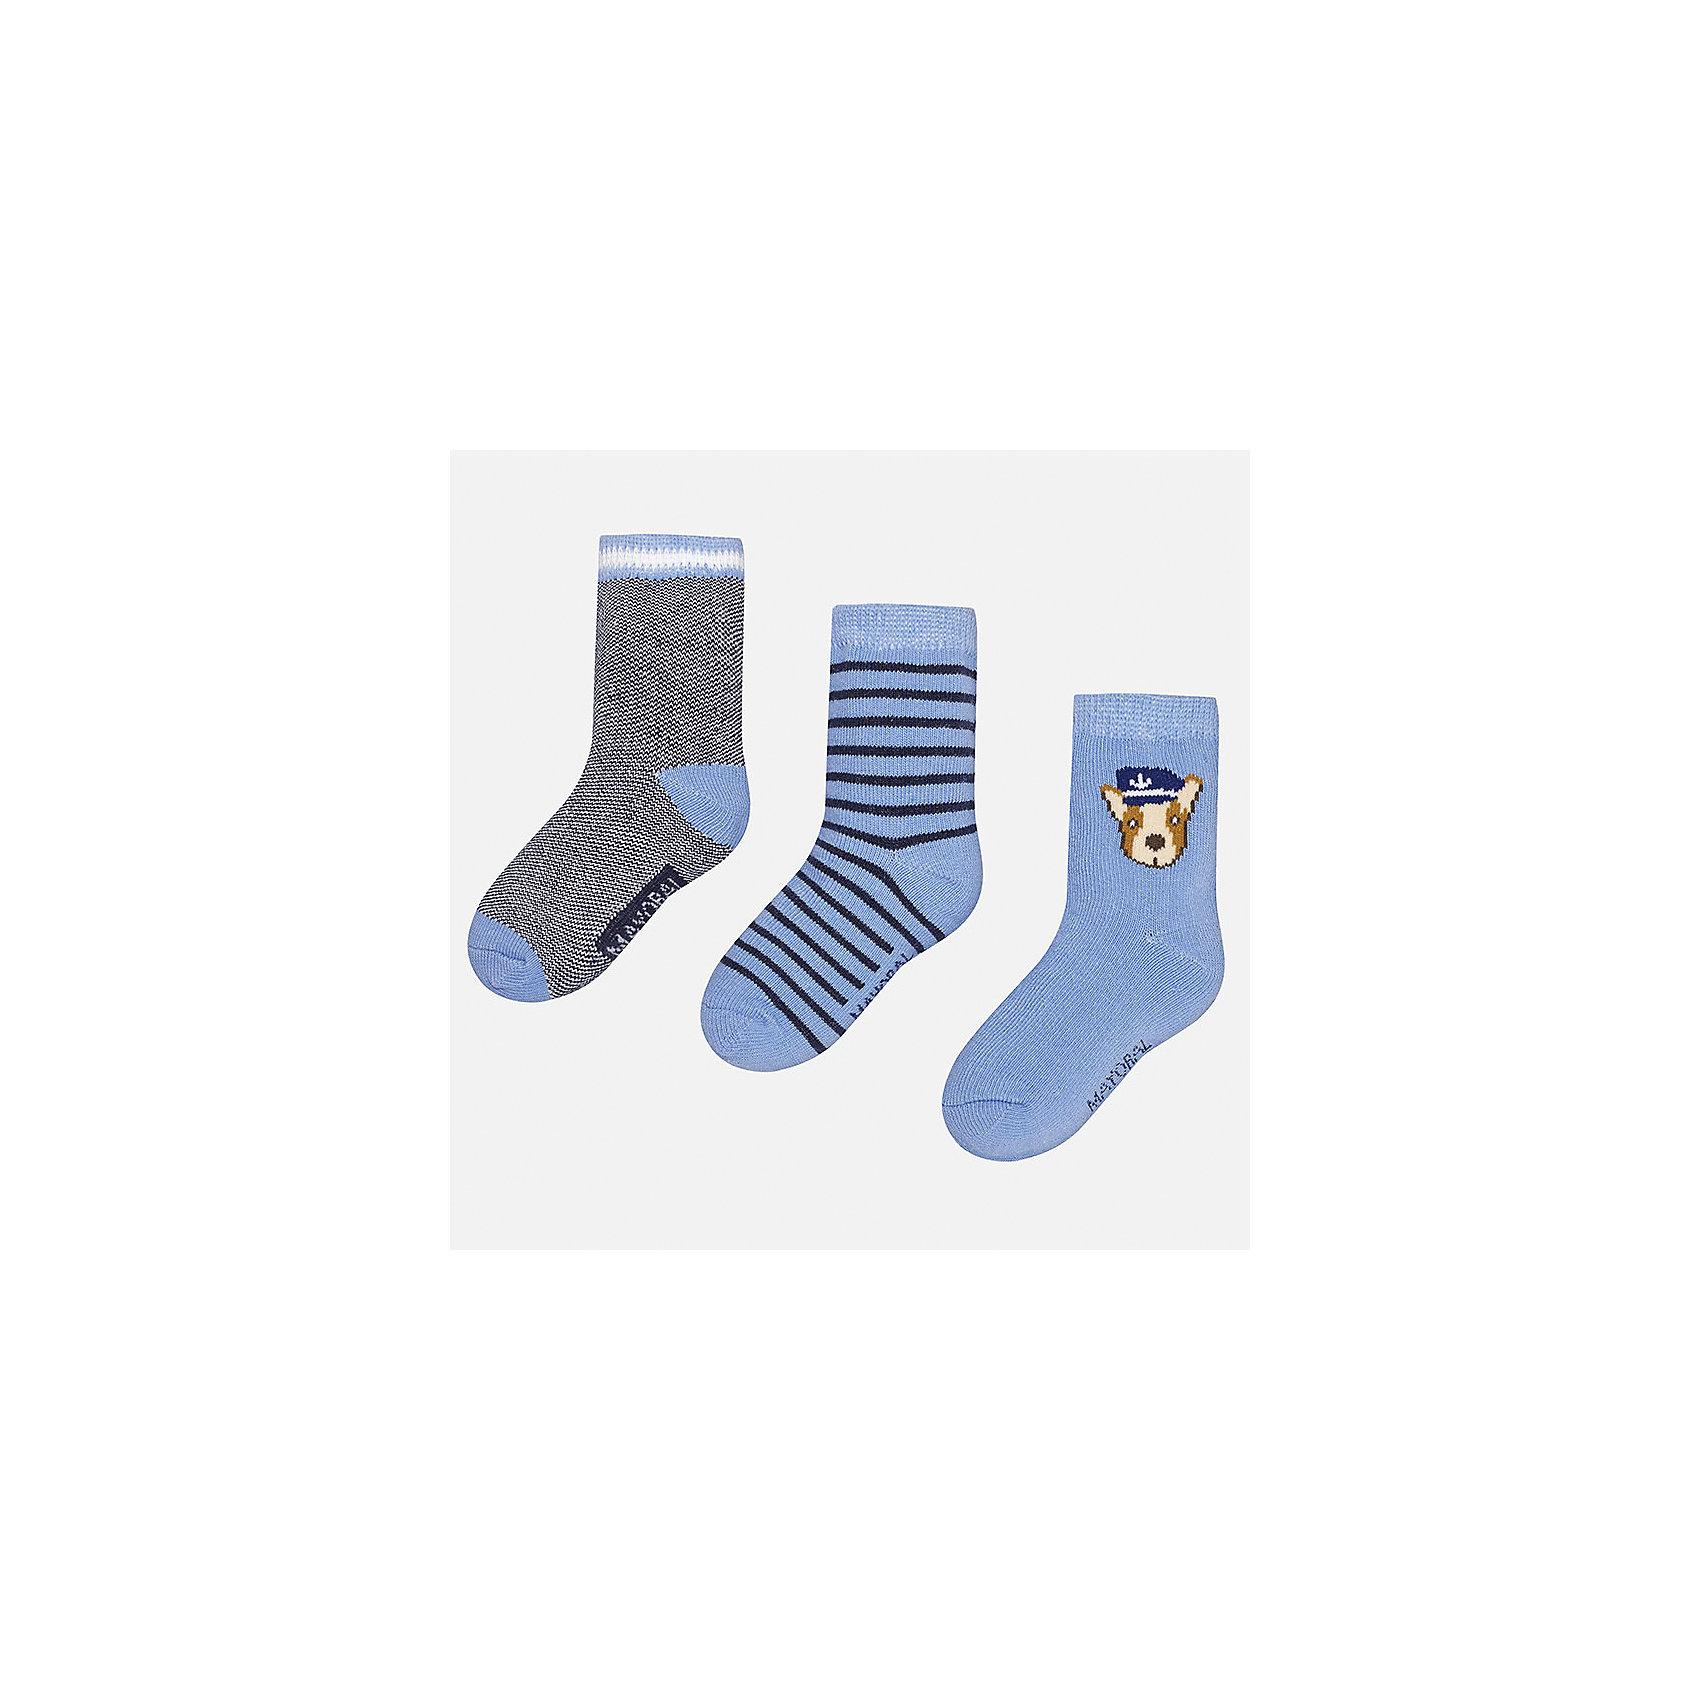 Носки (3 пары) для мальчика MayoralНоски<br>Характеристики товара:<br><br>• цвет: голубой/серый<br>• состав: 78% хлопок, 20% полиамид, 2% эластан<br>• комплектация: три пары<br>• мягкая резинка<br>• эластичный материал<br>• декорированы рисунком<br>• страна бренда: Испания<br><br>Удобные симпатичные носки для мальчика помогут обеспечить ребенку комфорт и дополнить наряд. Универсальный цвет позволяет надевать их под обувь разных расцветок. Носки удобно сидят на ноге и аккуратно смотрятся. Этот комплект - практичный и красивый! В составе материала - натуральный хлопок, гипоаллергенный, приятный на ощупь, дышащий. <br><br>Одежда, обувь и аксессуары от испанского бренда Mayoral полюбились детям и взрослым по всему миру. Модели этой марки - стильные и удобные. Для их производства используются только безопасные, качественные материалы и фурнитура. Порадуйте ребенка модными и красивыми вещами от Mayoral! <br><br>Носки (3 пары) для мальчика от испанского бренда Mayoral (Майорал) можно купить в нашем интернет-магазине.<br><br>Ширина мм: 87<br>Глубина мм: 10<br>Высота мм: 105<br>Вес г: 115<br>Цвет: белый<br>Возраст от месяцев: 12<br>Возраст до месяцев: 24<br>Пол: Мужской<br>Возраст: Детский<br>Размер: 2,1<br>SKU: 5294229